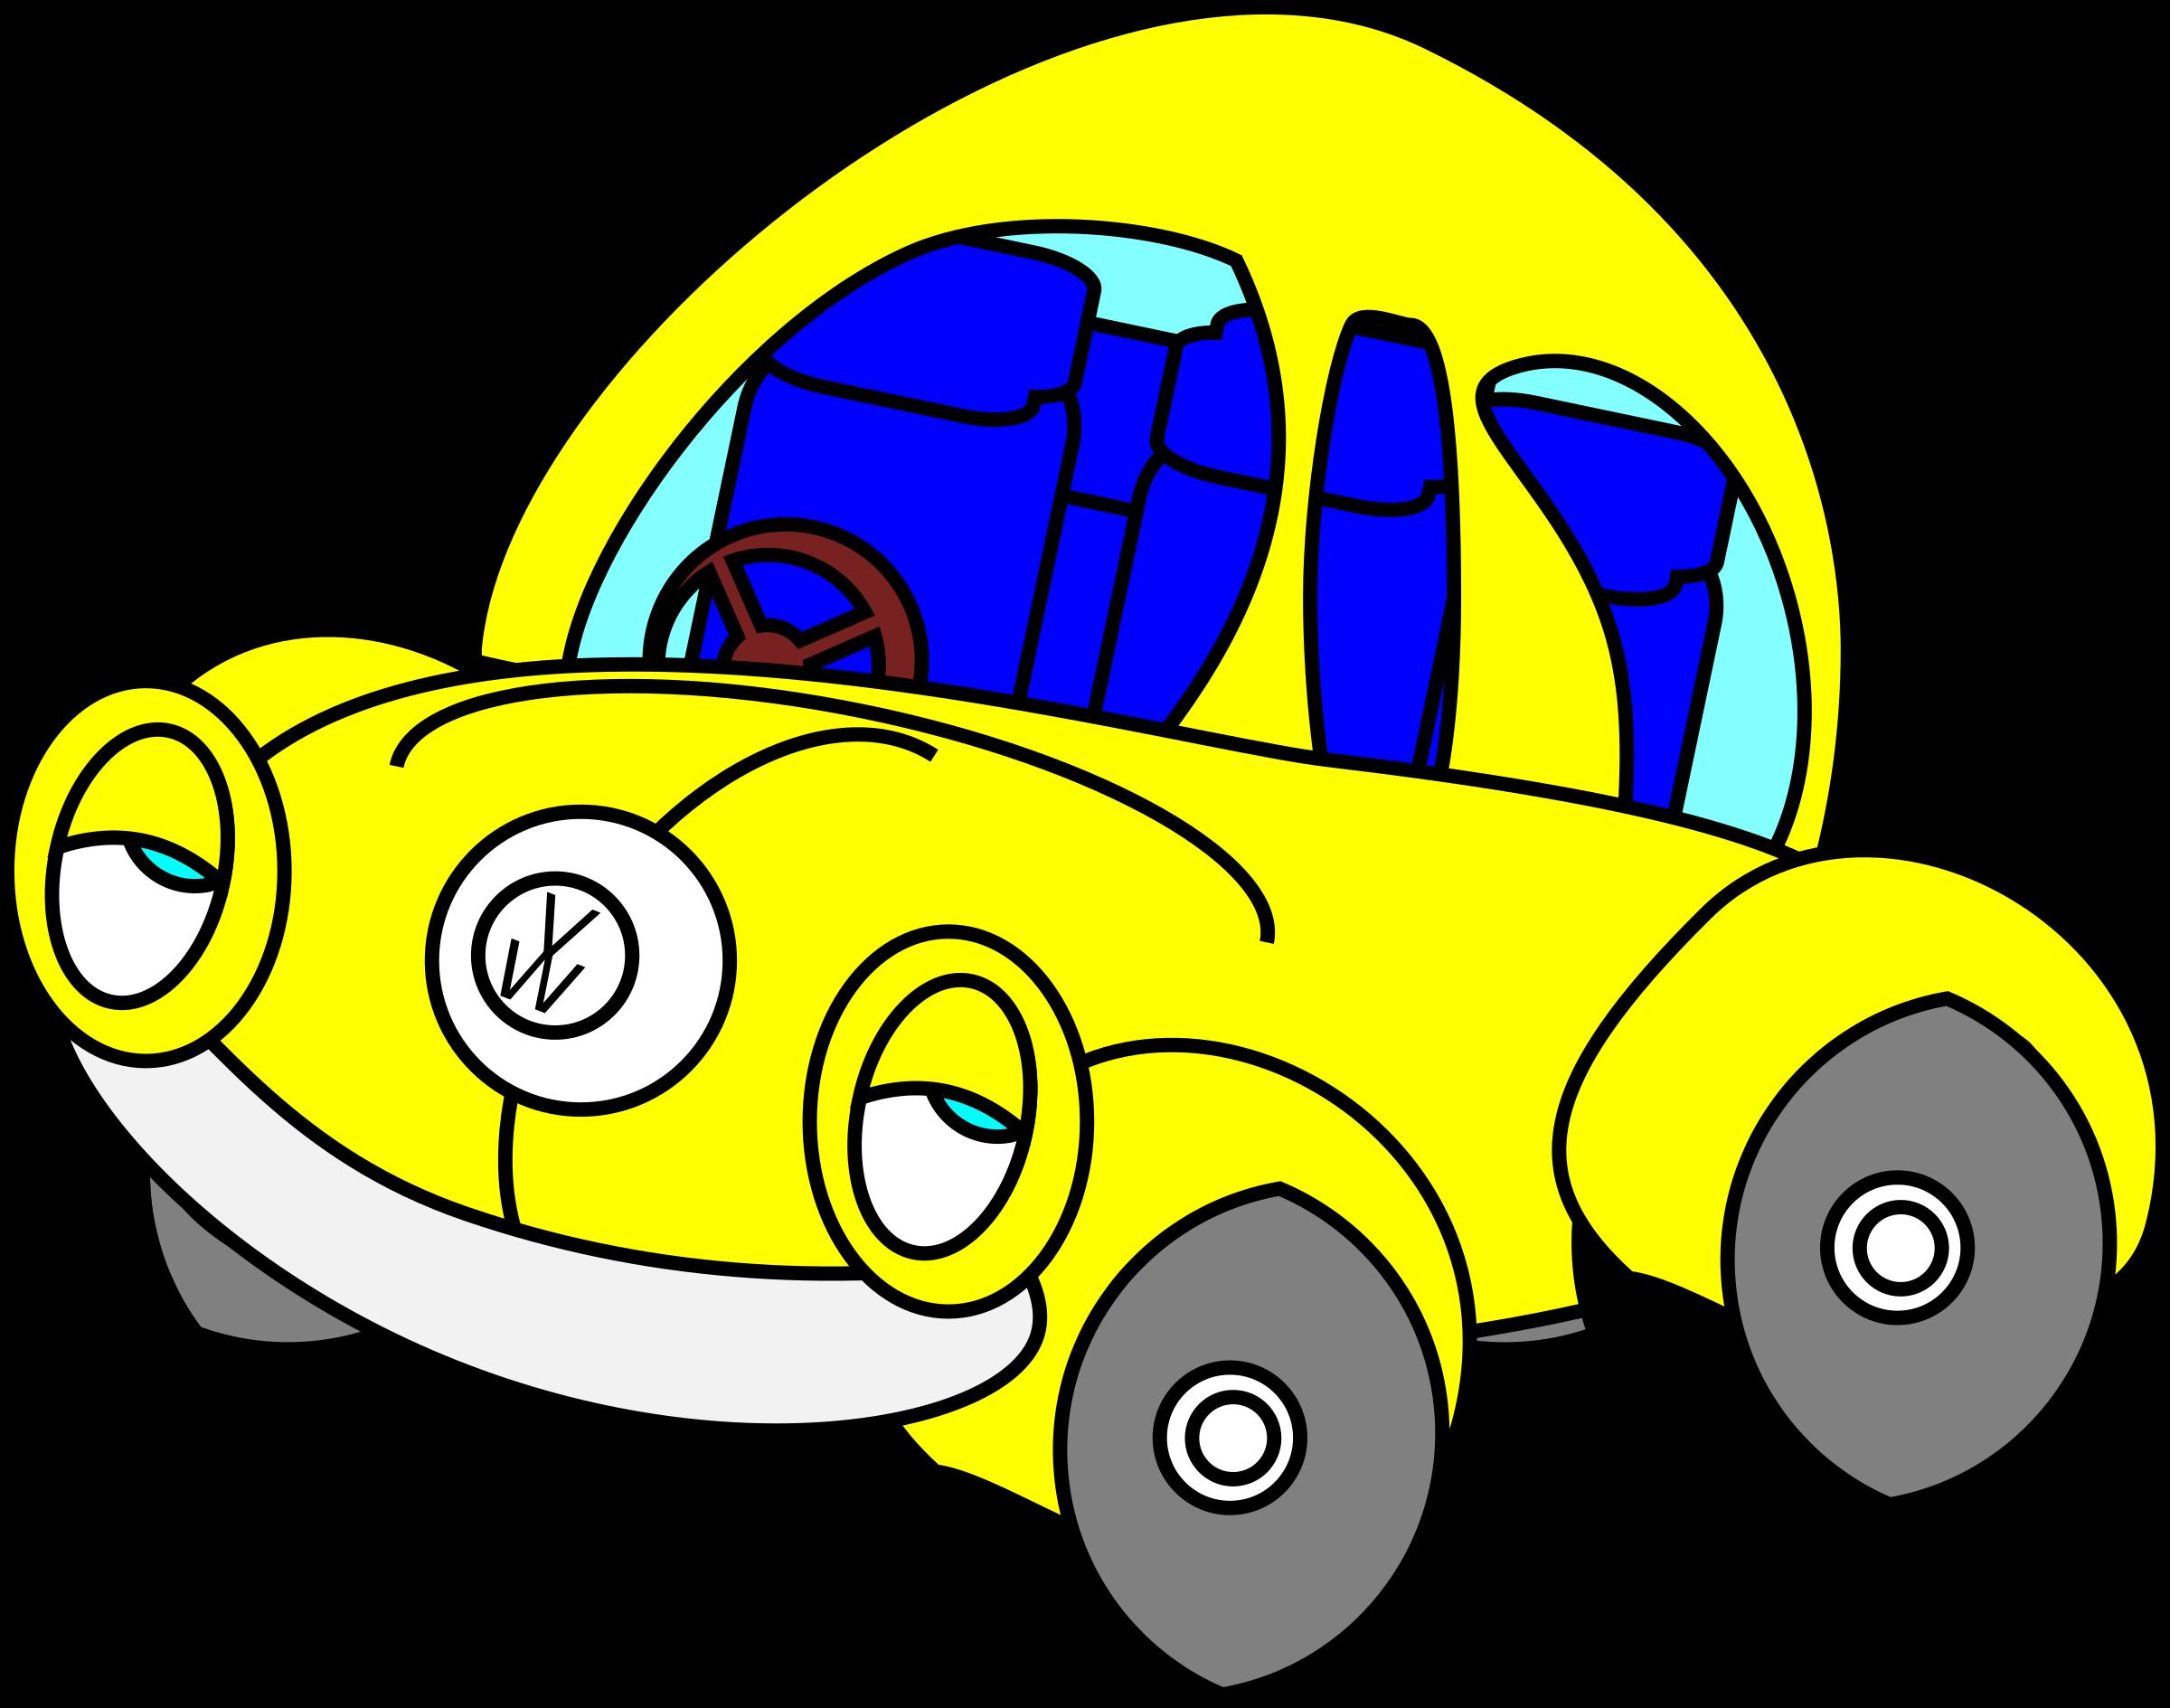 78+ Gambar Animasi Mobil Lucu Terlihat Keren